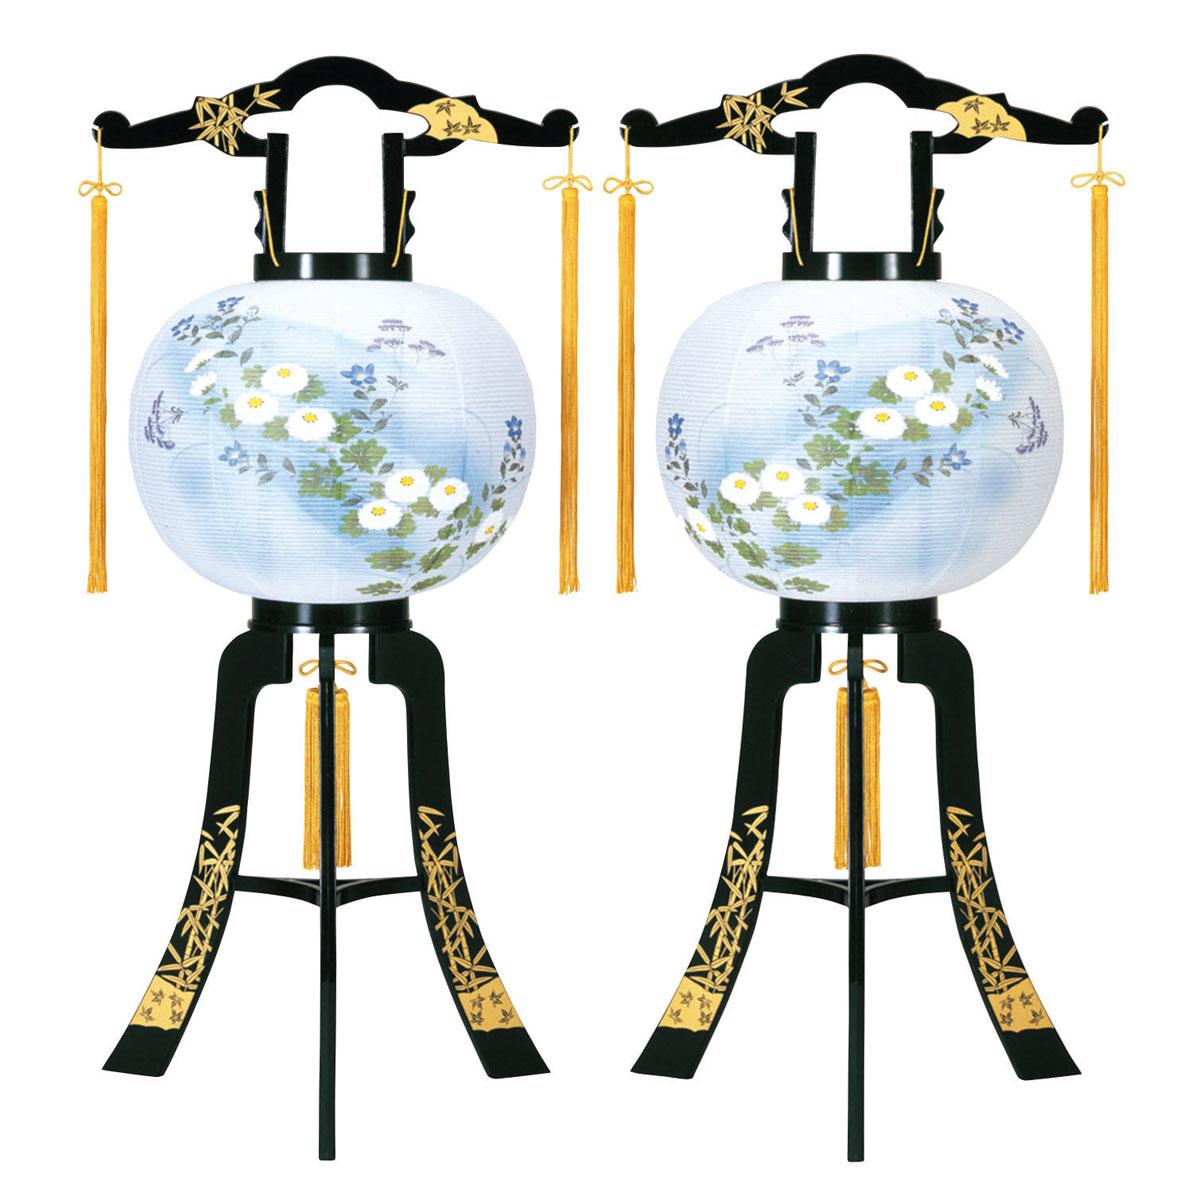 盆提灯 置き型提灯 廻転灯 『 あかり 竹蒔絵 対絵 (一対入り) 12号 』 BCG-8611-12-706W一対 プラスチック製 電気コード式 回転灯 (回転 筒付き) 筒 回転 廻転 回転筒付